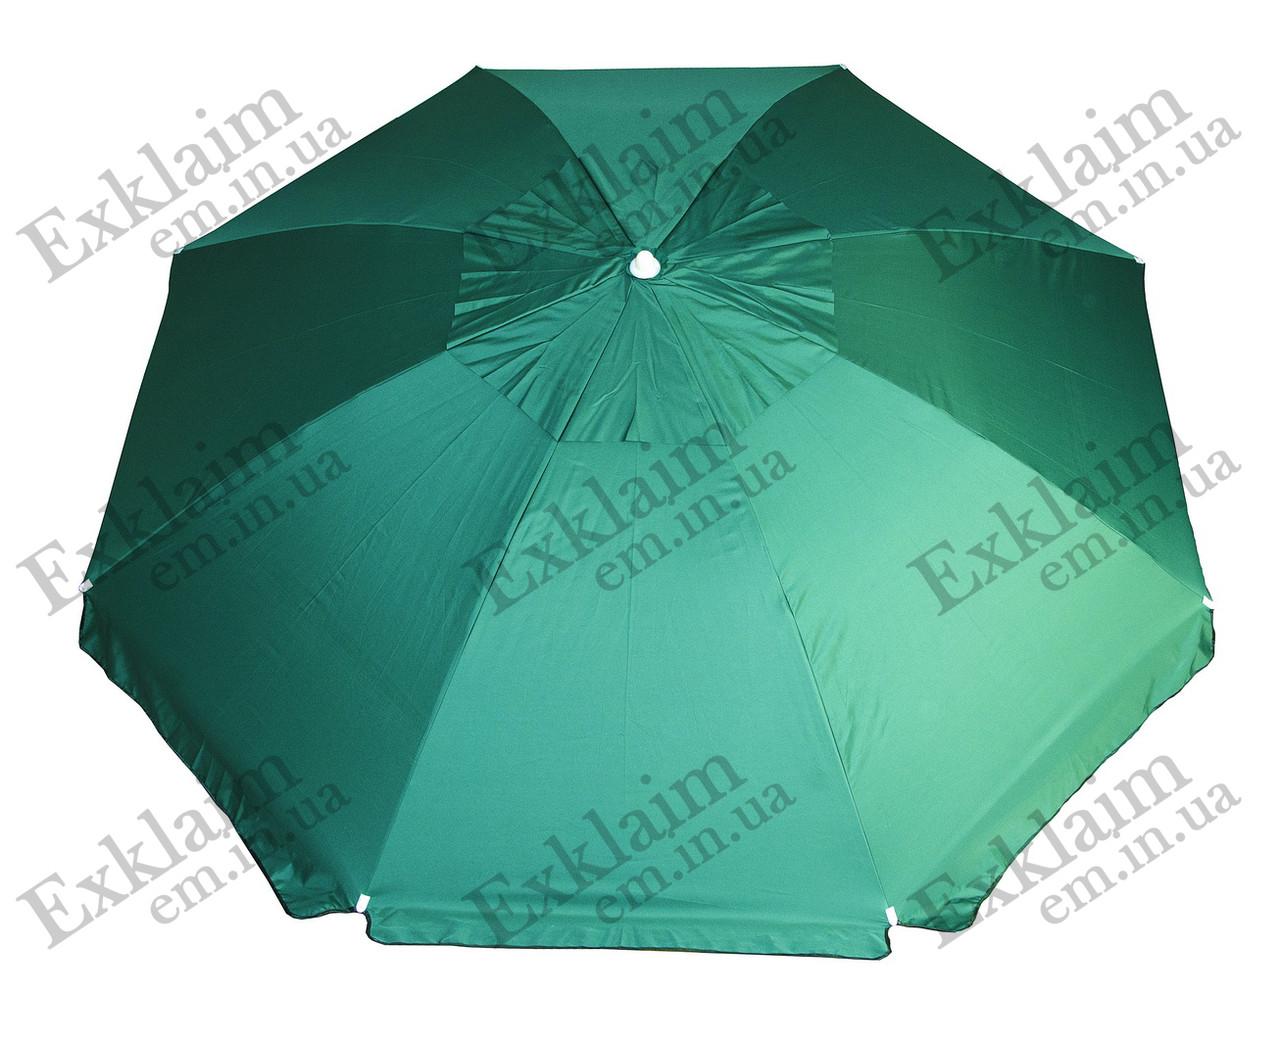 Садові парасольки 3 метри 8 спиць (зелений) з щільної тканини